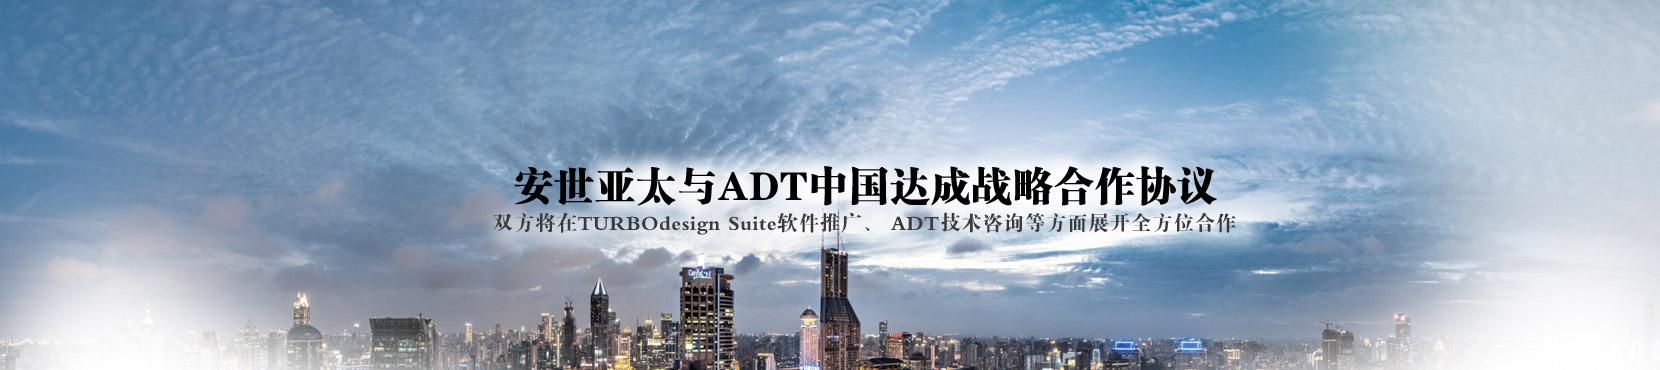 安世亚太与ADT中国达成战略合作协议